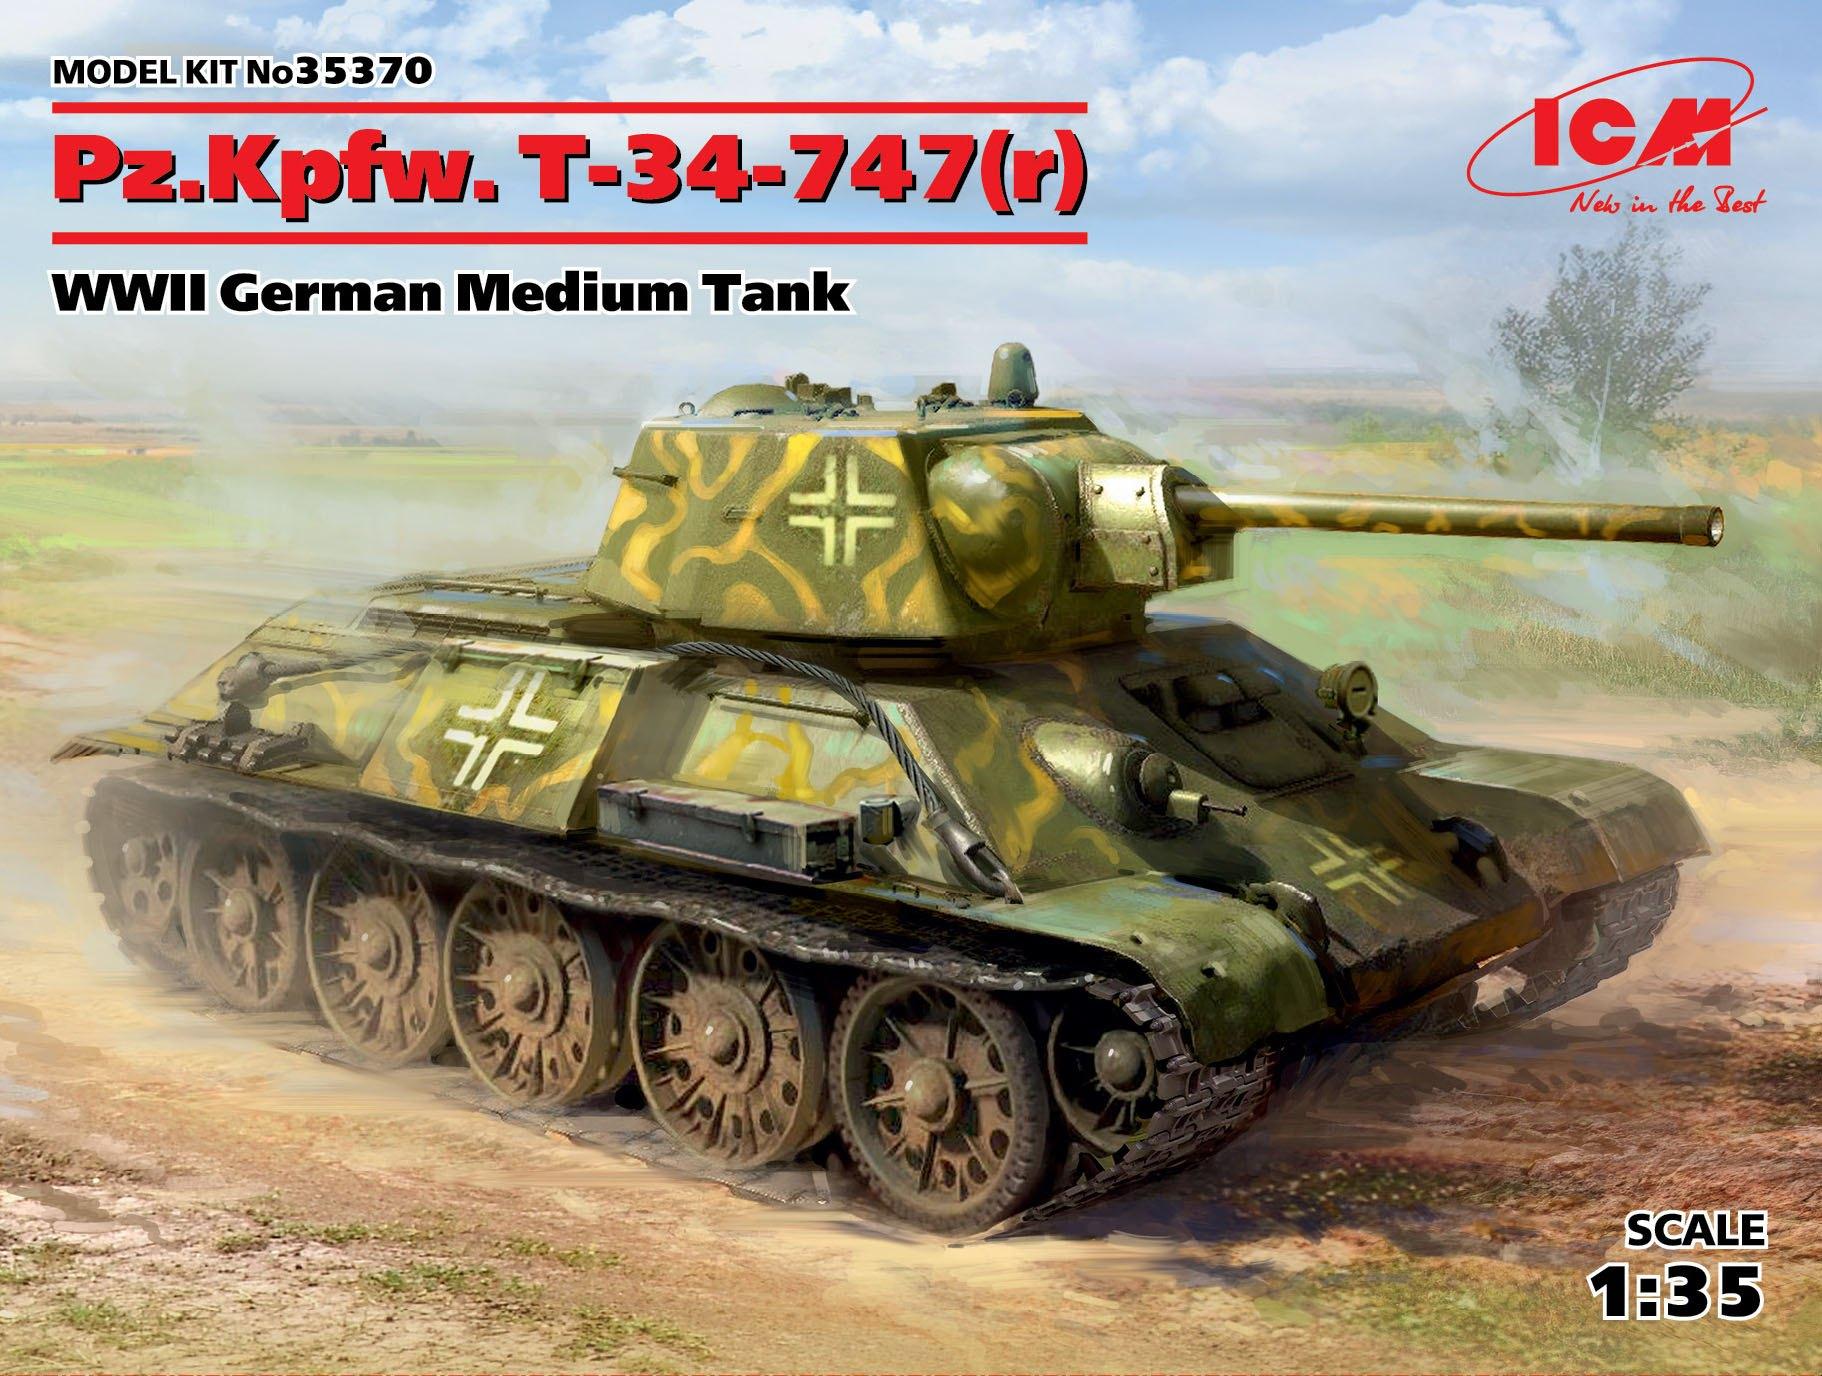 ICM Pz.Kpfw. T-34-747(r), WWII German Medium Tank